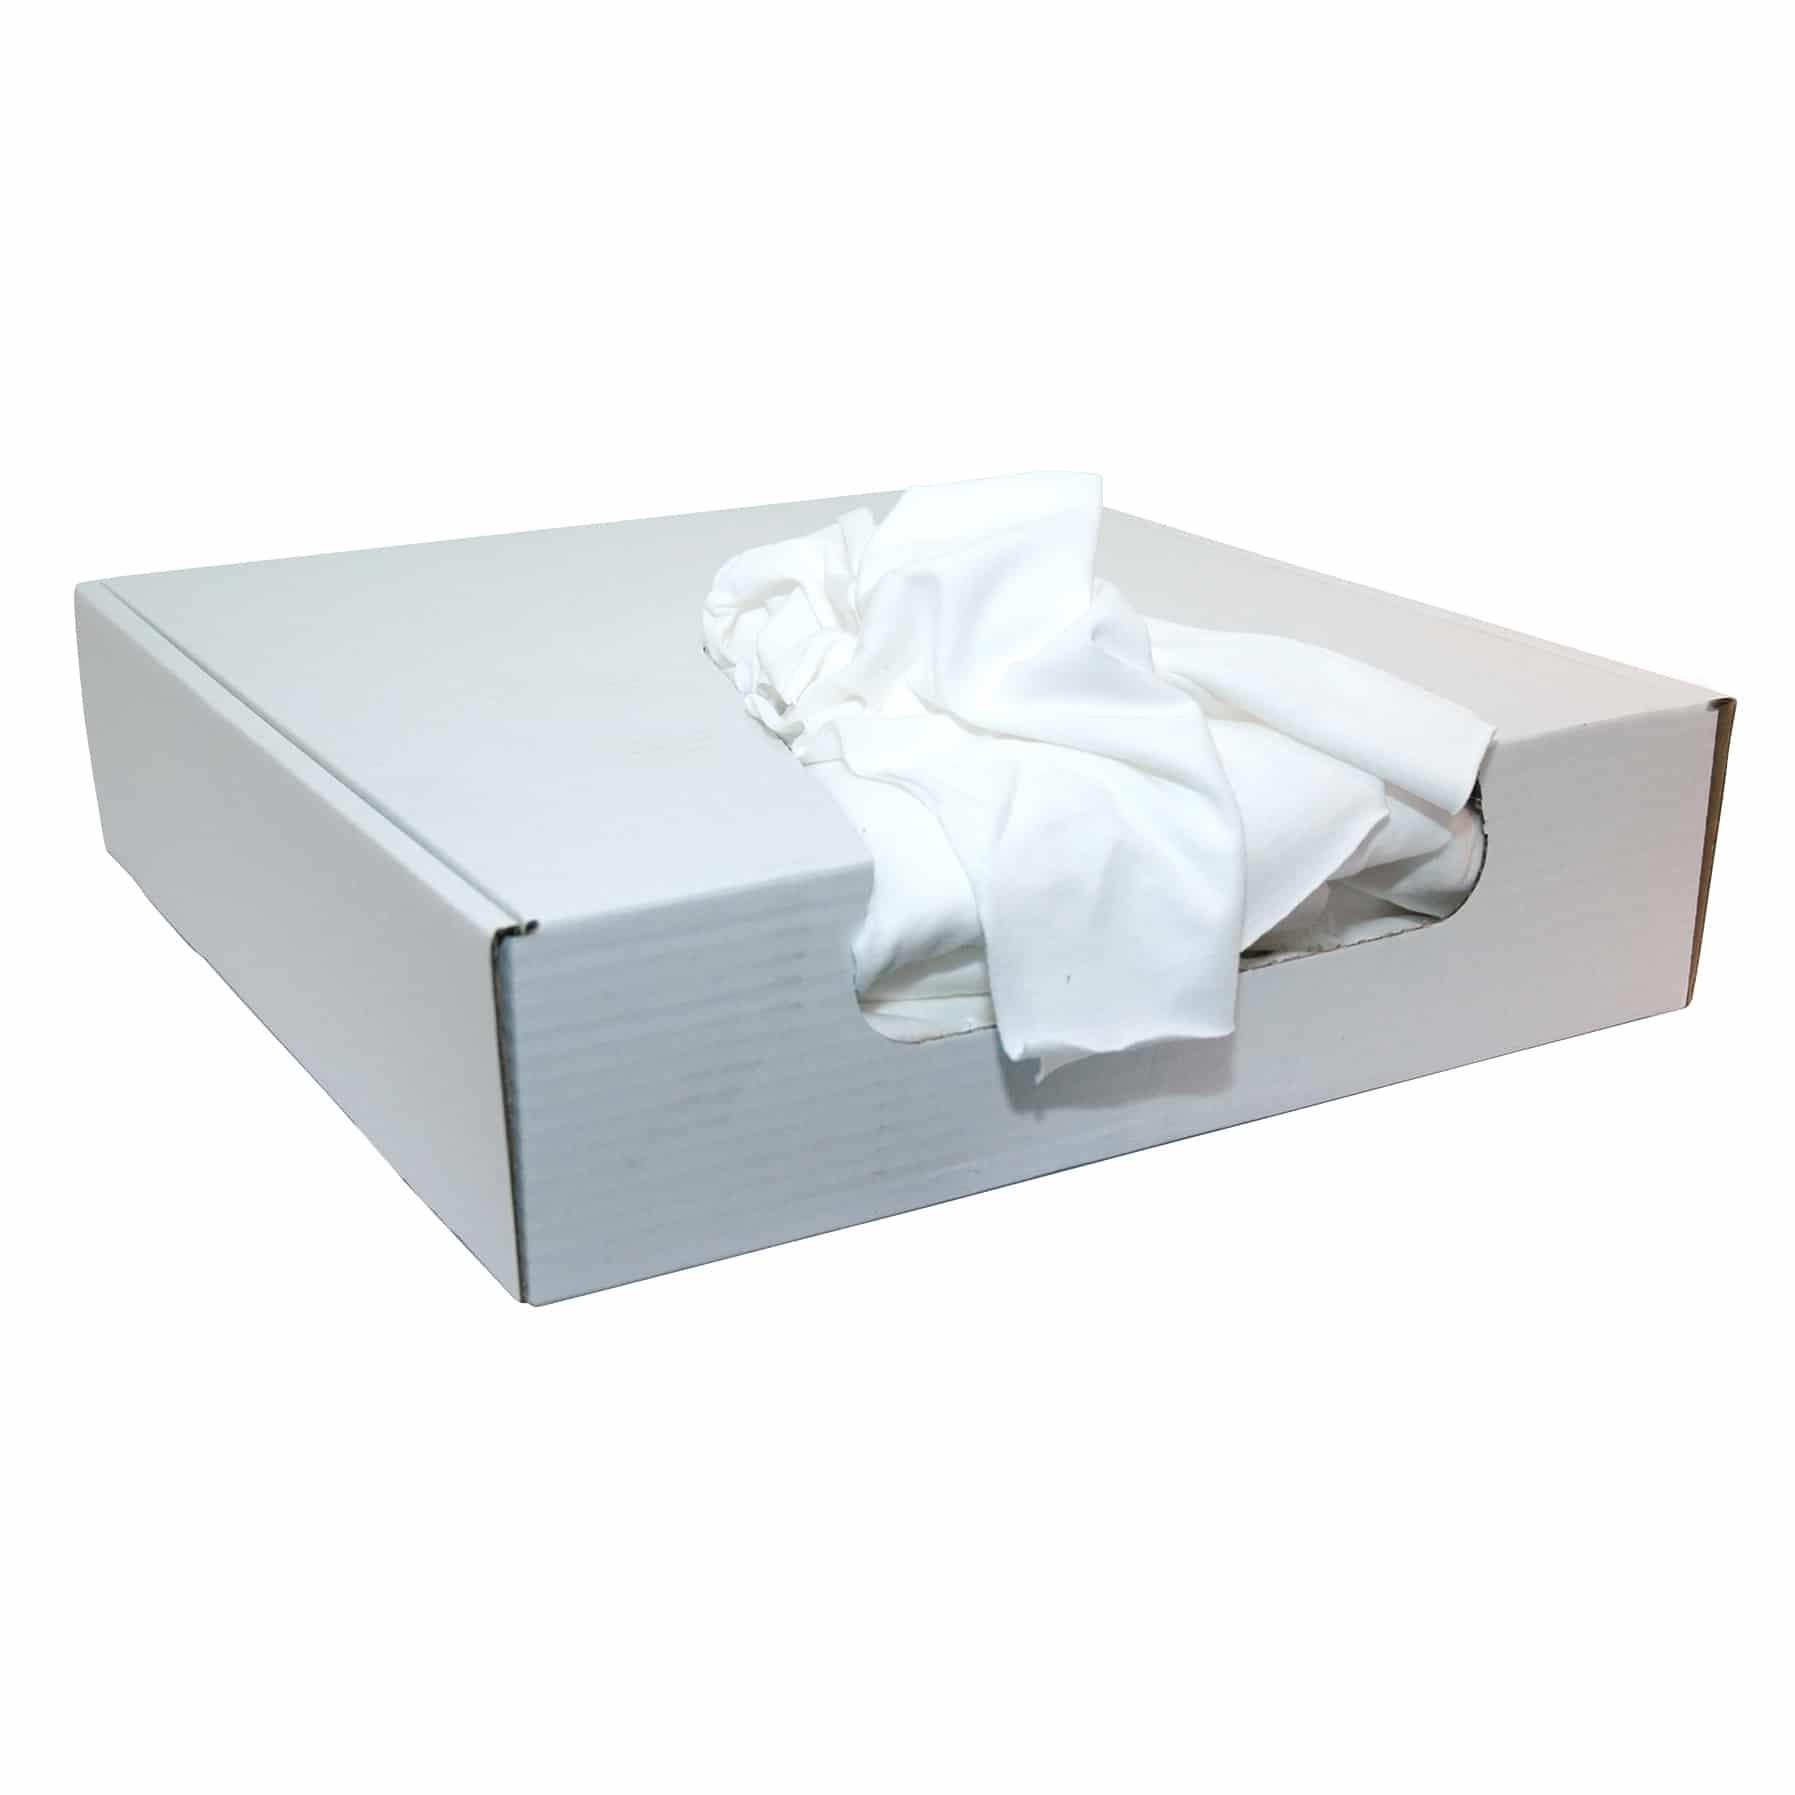 Poetsdoeken vlak wit - dispenser box 3,5 kg